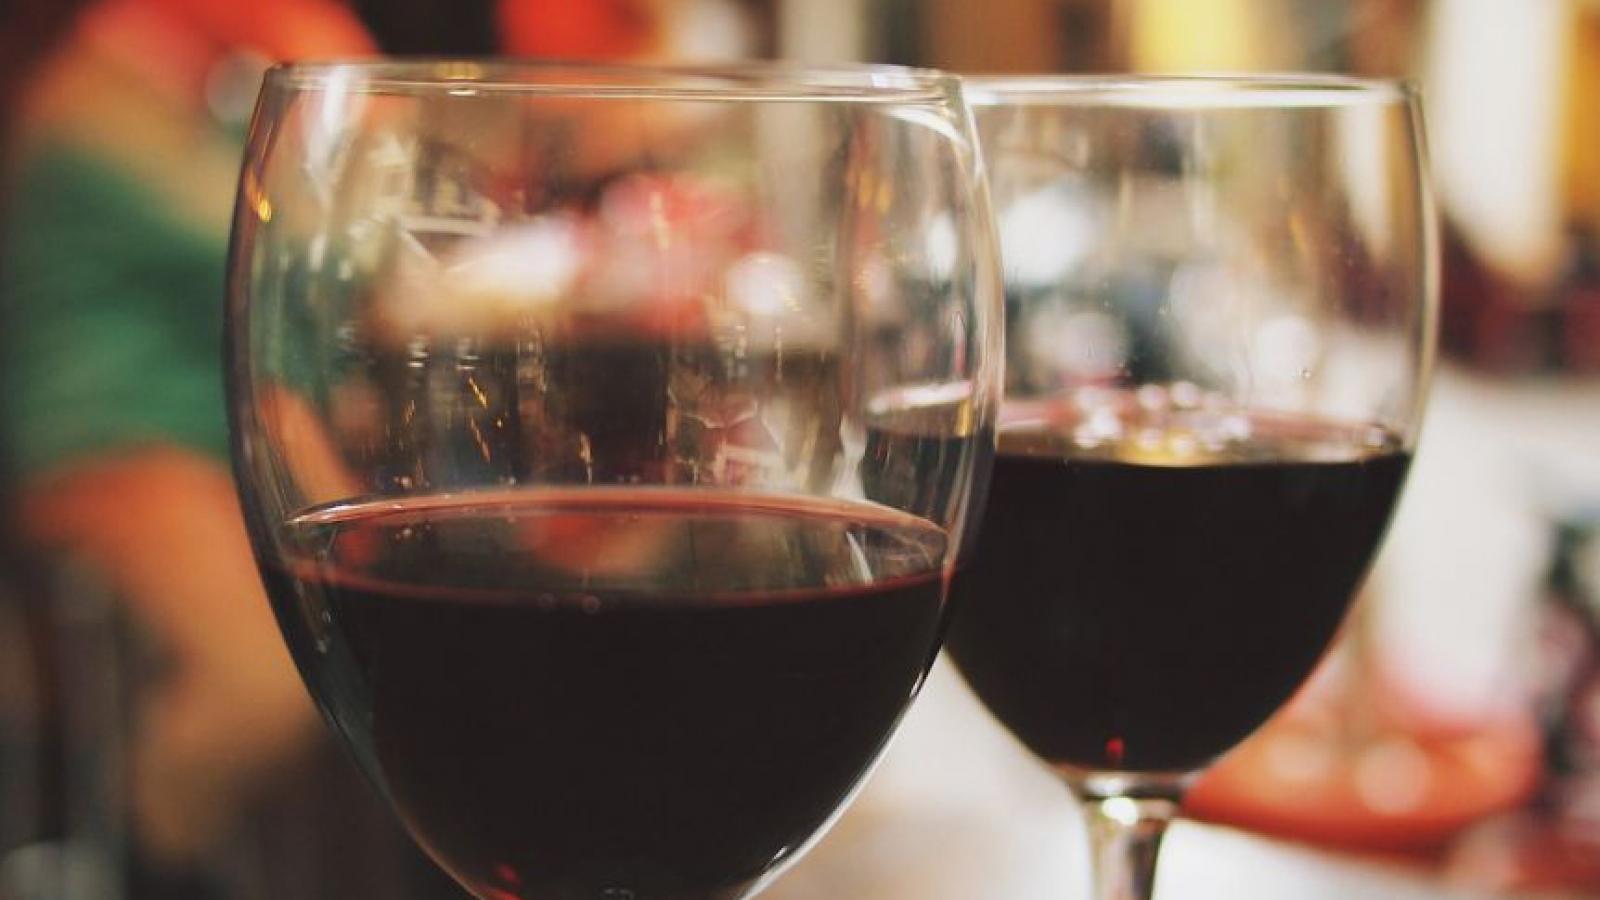 Trung Quốc đánh thuế nhập khẩu với rượu vang Australia